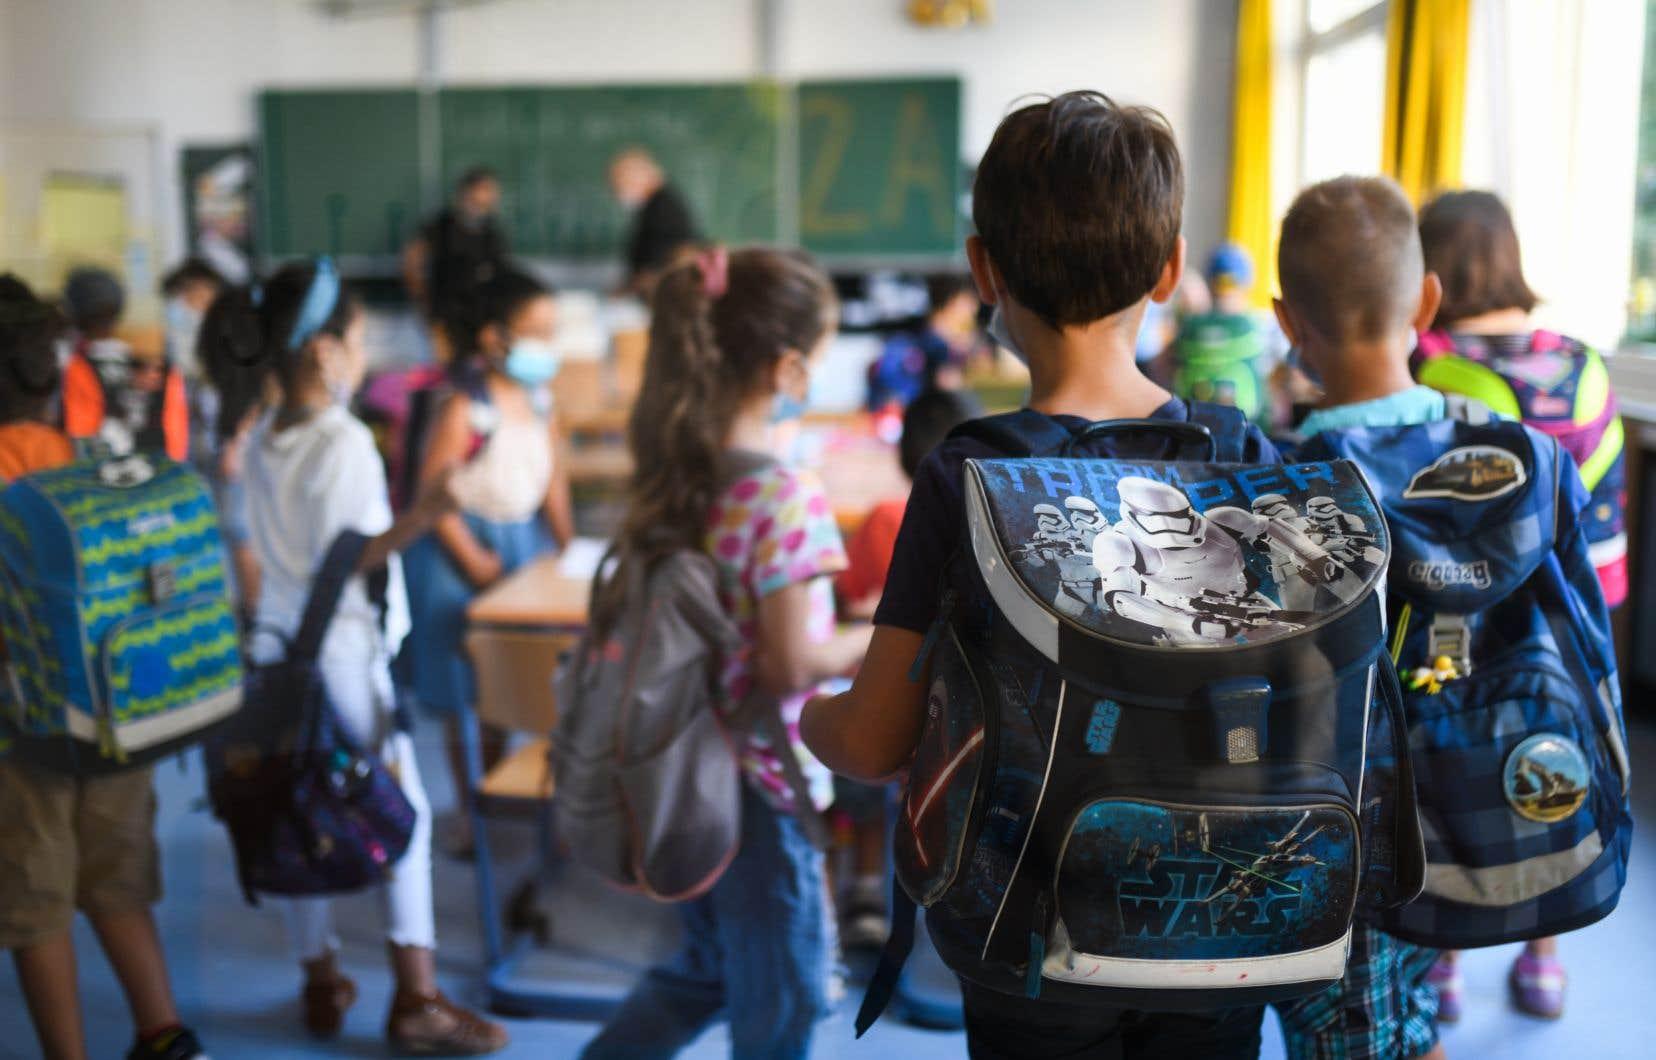 Les écoles publiques voient les améliorations à apporter pour diminuer les risques de transmission, mais n'ont pas la latitude pour les appliquer et garantir un retour en classe sécuritaire, estime l'autrice.